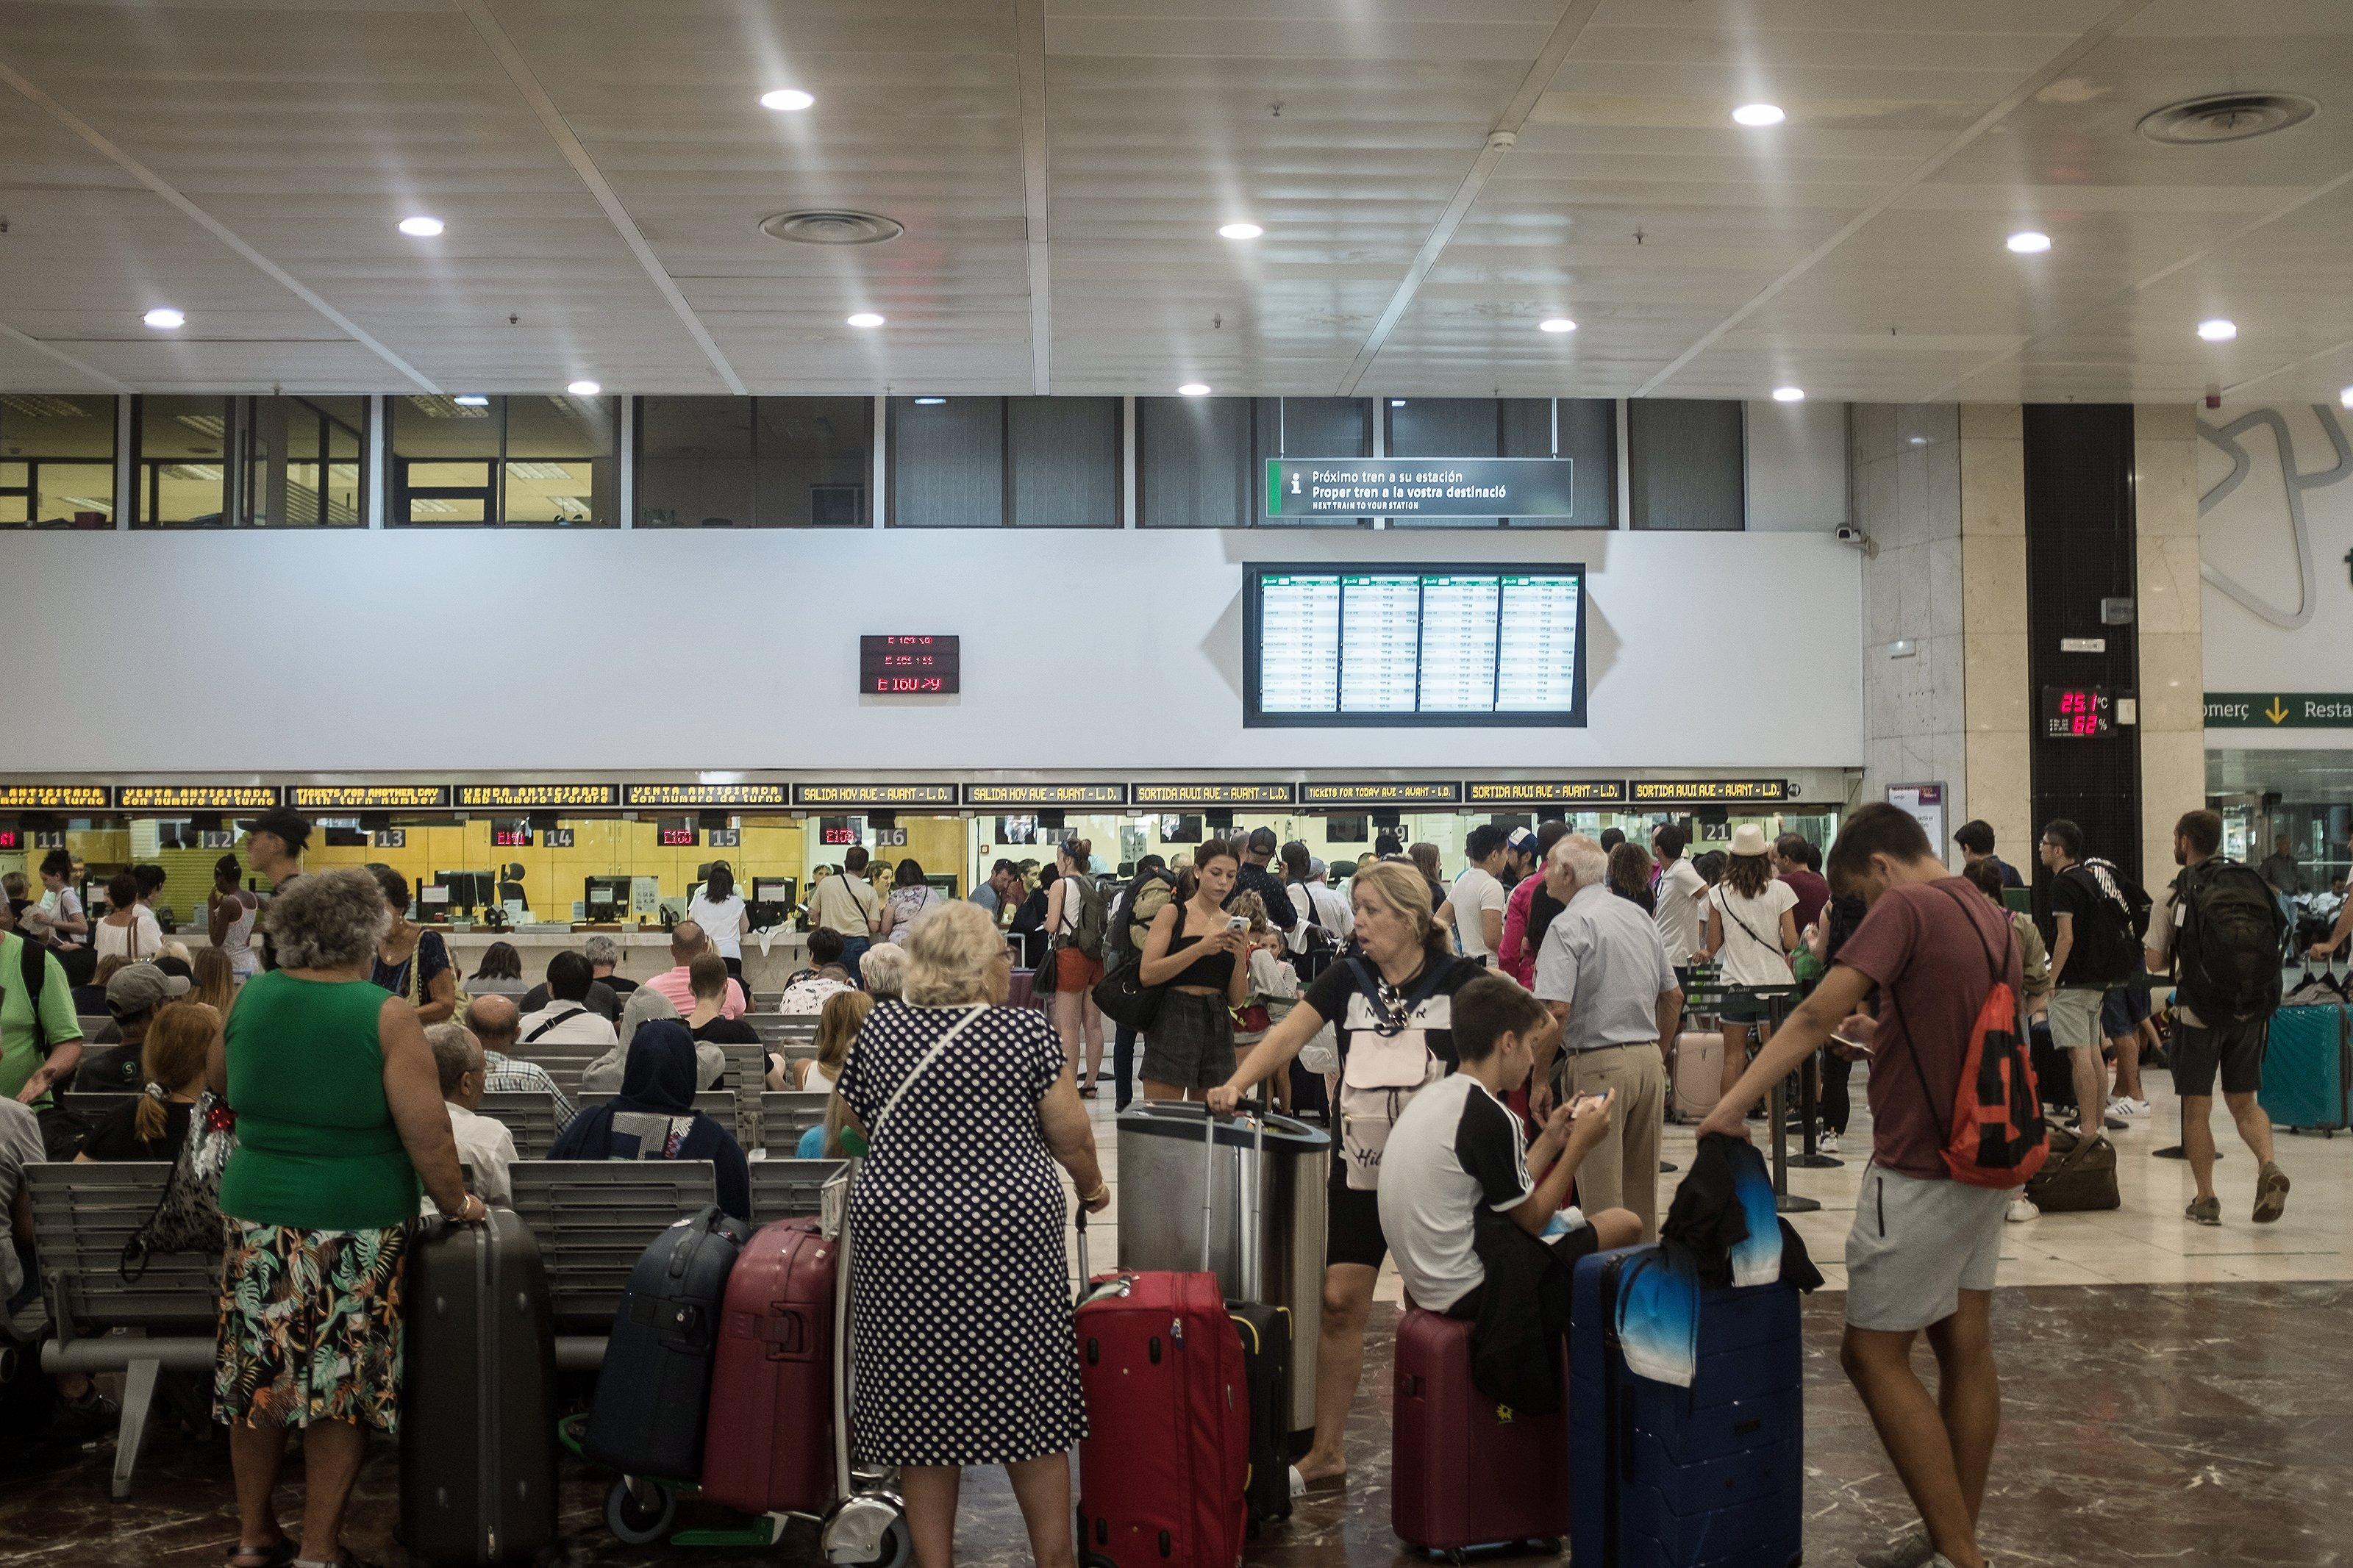 passatgers maletes turisme mobilitat renfe adif estació de sants barcelona rodalies tren - Carles Palacio